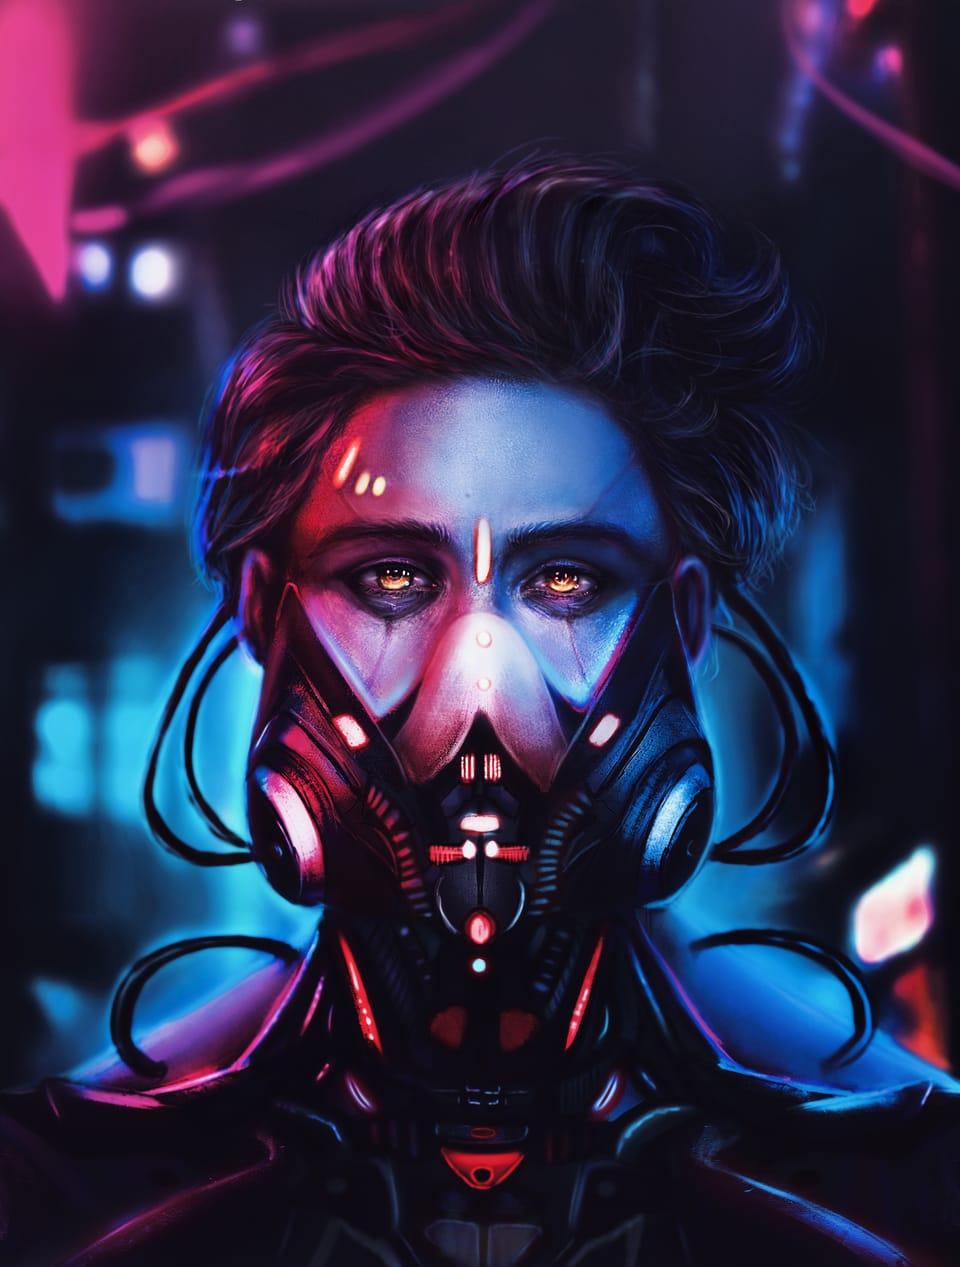 Cyberboy Illust of llorddd November2020_Contest:Cyberpunk cyberpunk boy neon semirealism realistic hair